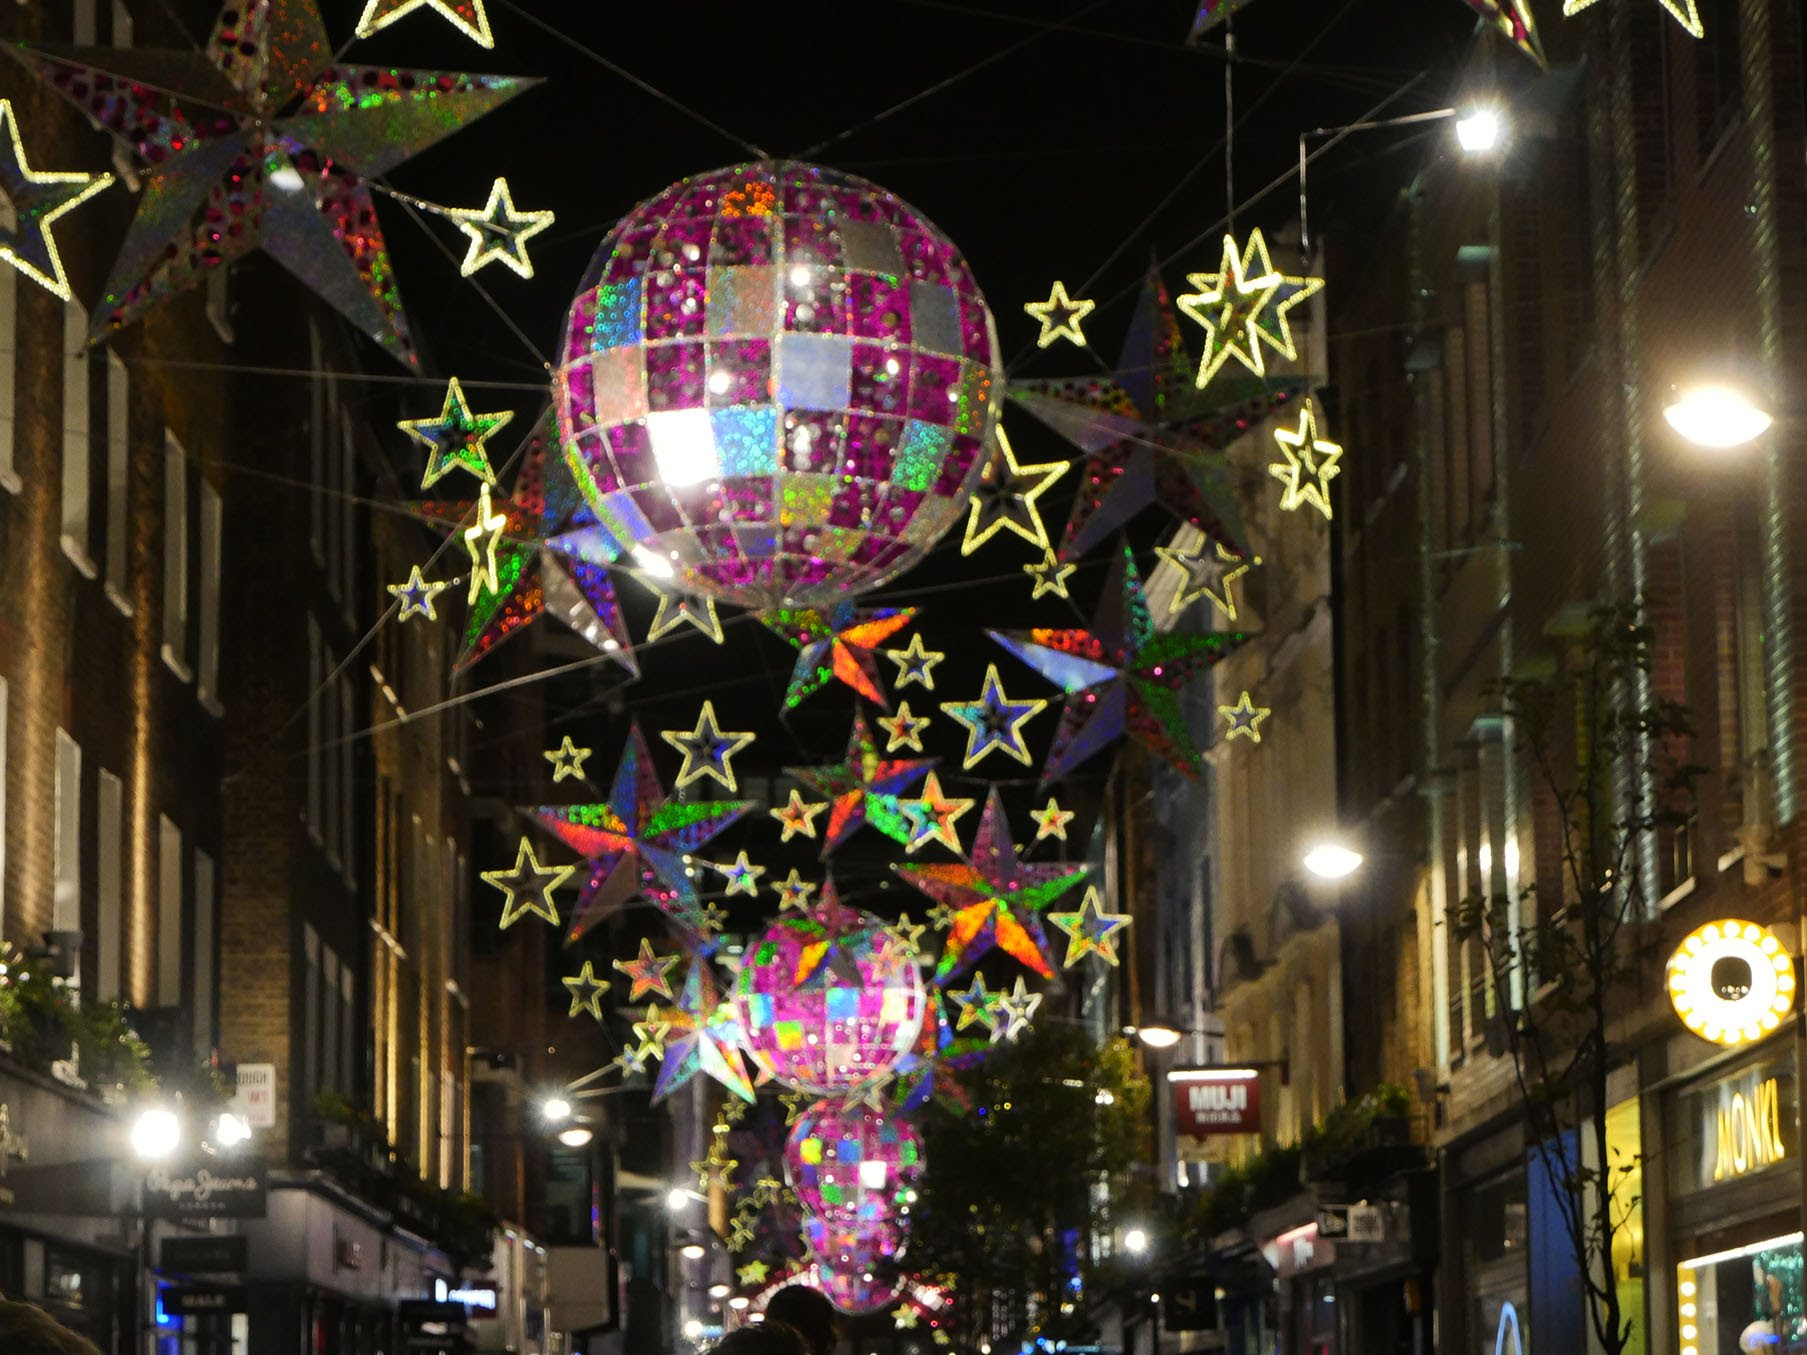 #A57026 Tour Du Monde Des Plus Belles Décorations De Noël En 14  5317 decorations de noel a londres 1807x1355 px @ aertt.com